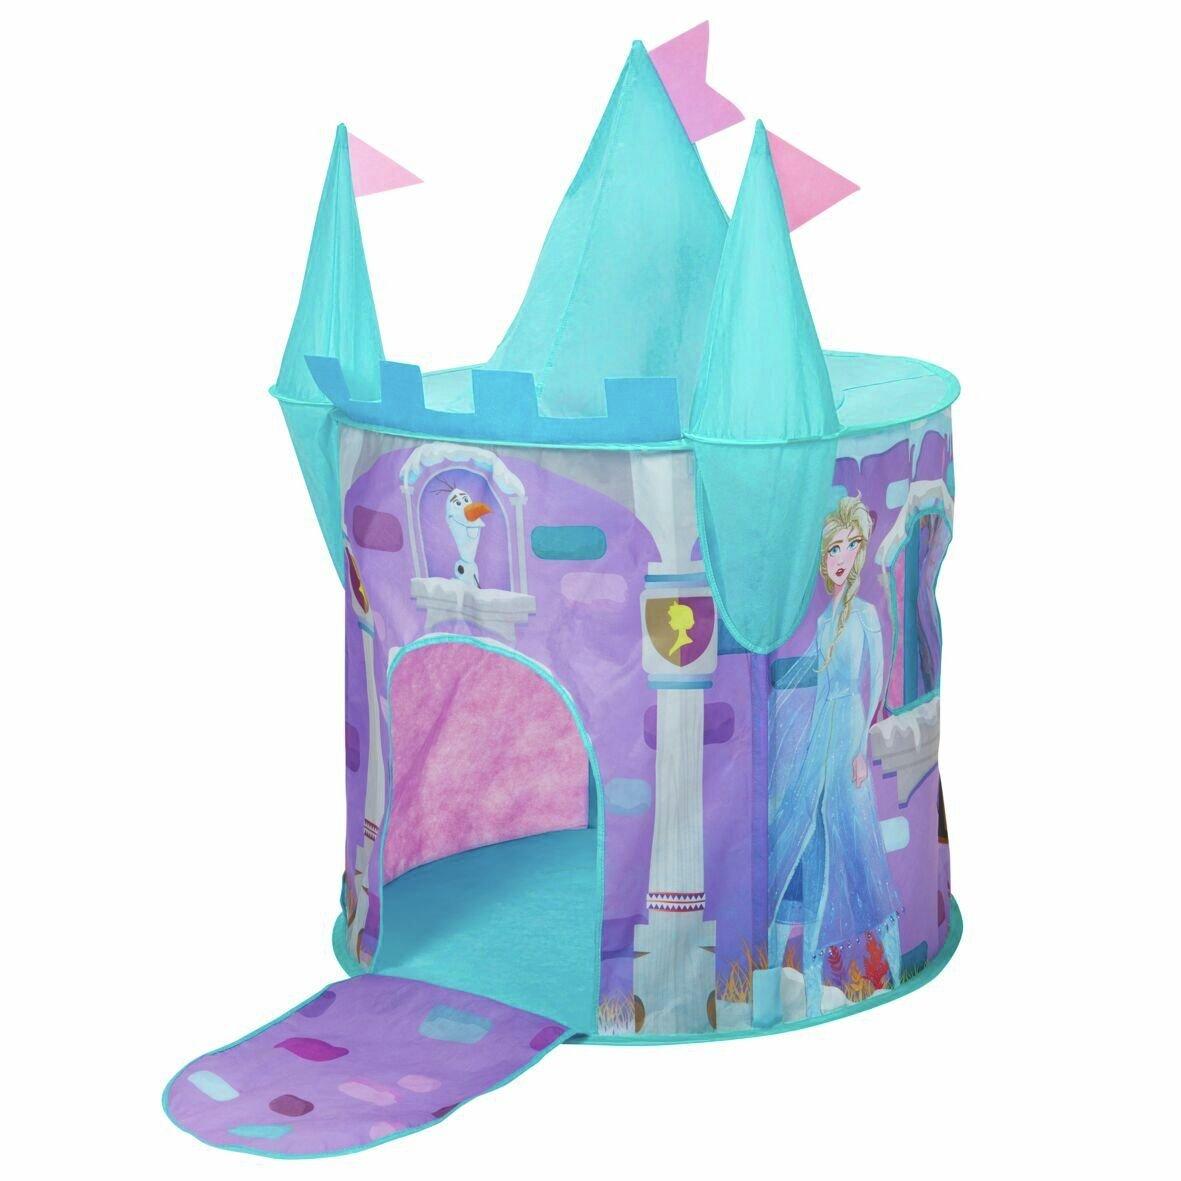 Disney Frozen Castle Feature Pop Up Play Tent